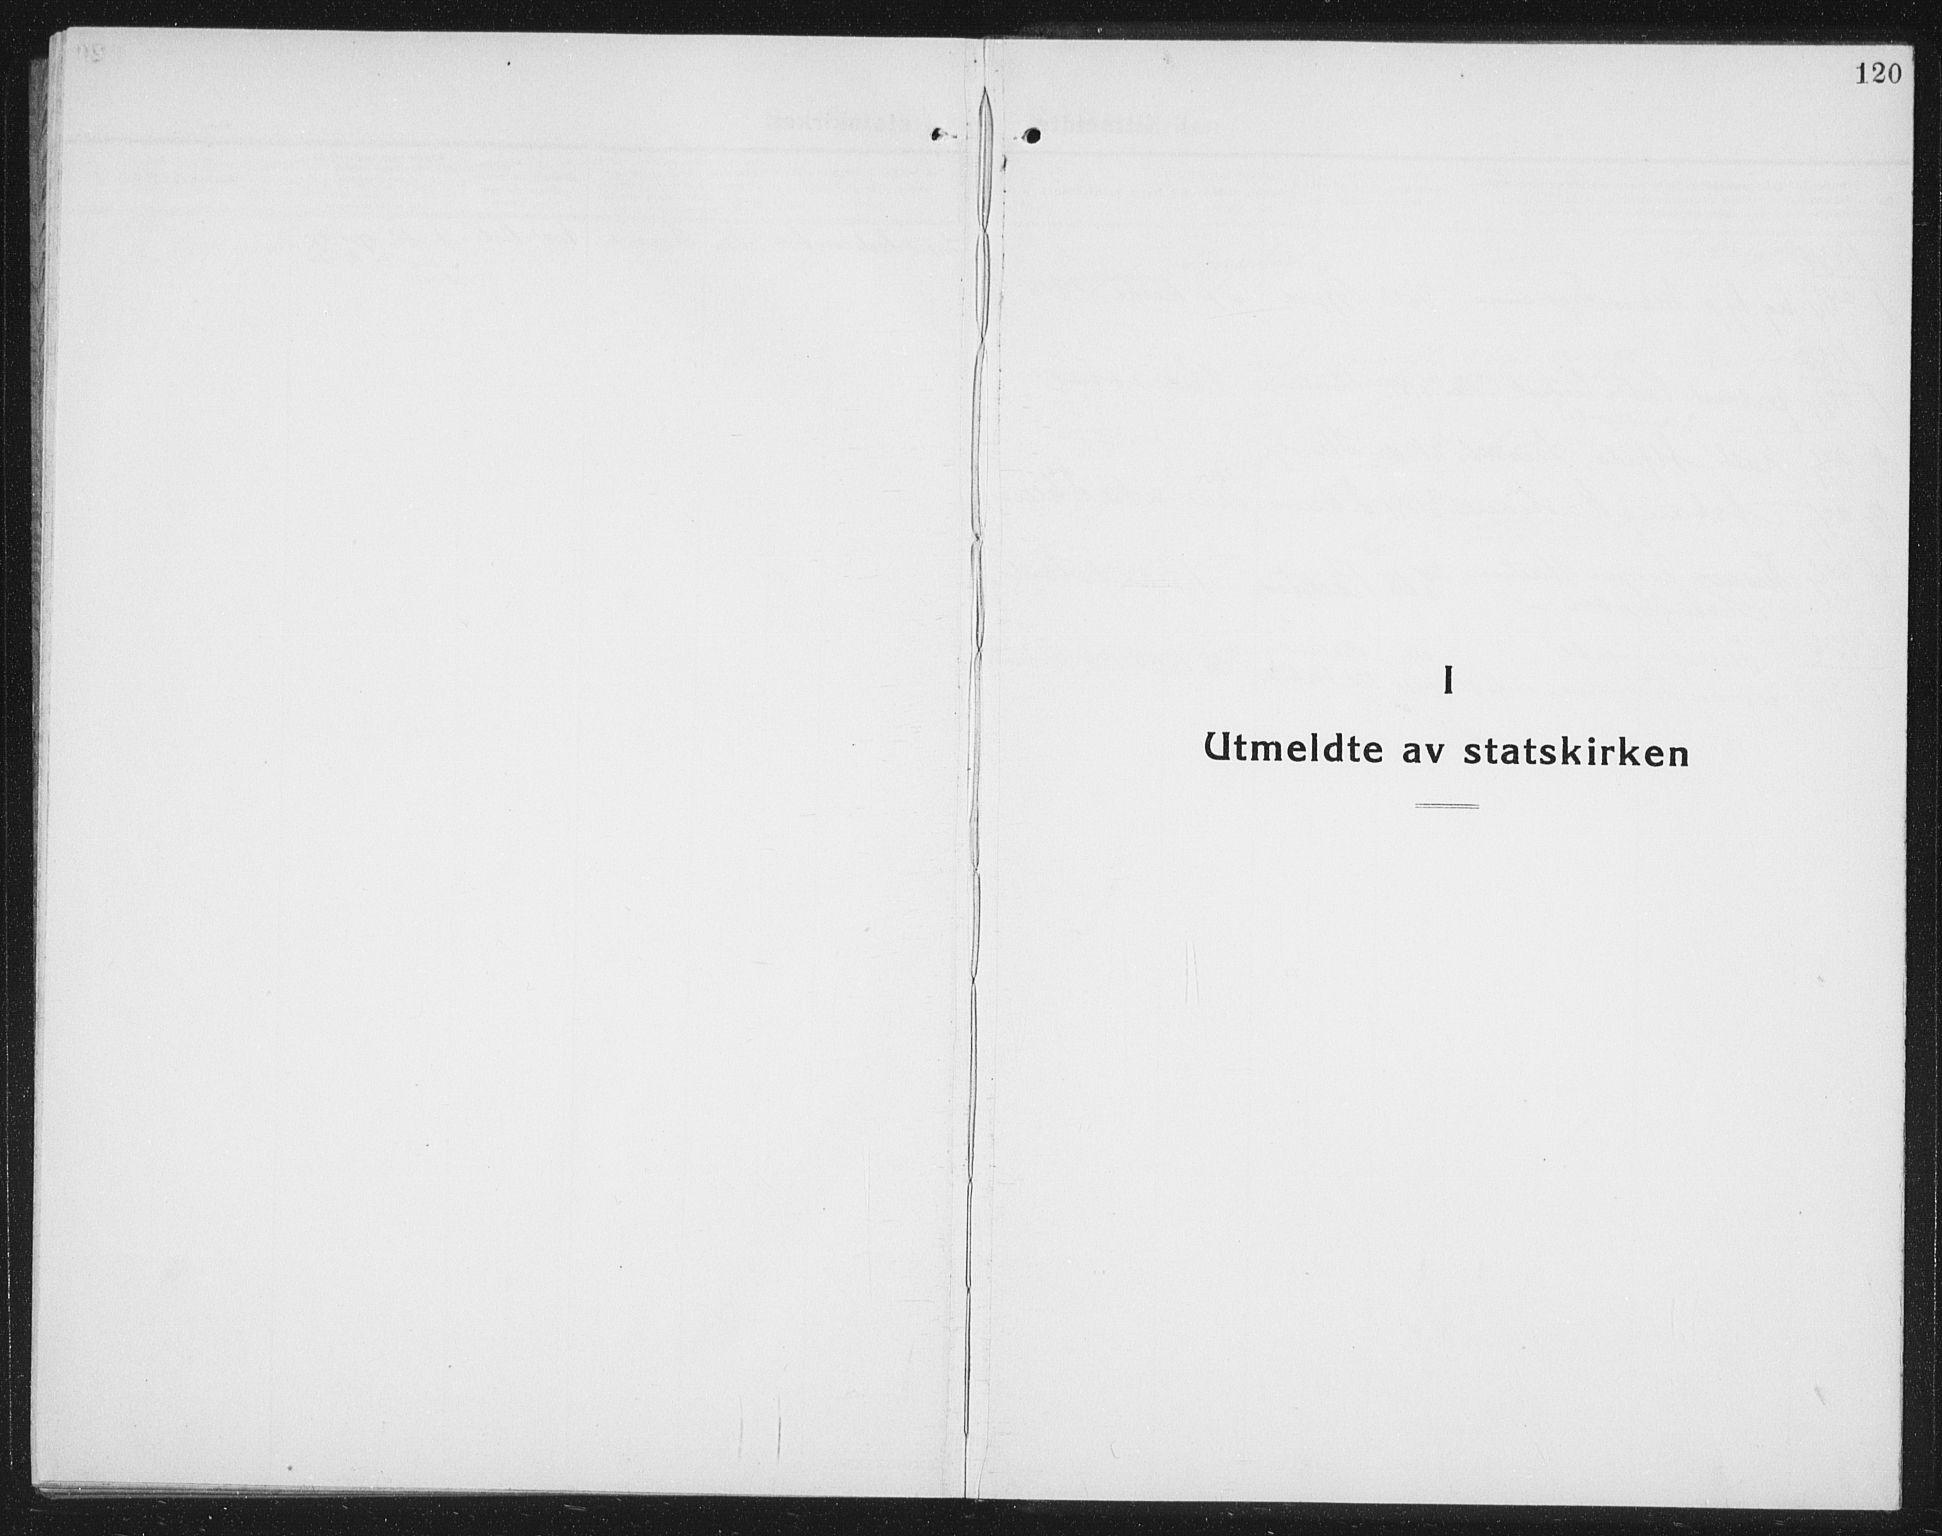 SAT, Ministerialprotokoller, klokkerbøker og fødselsregistre - Nord-Trøndelag, 740/L0383: Klokkerbok nr. 740C04, 1927-1939, s. 120